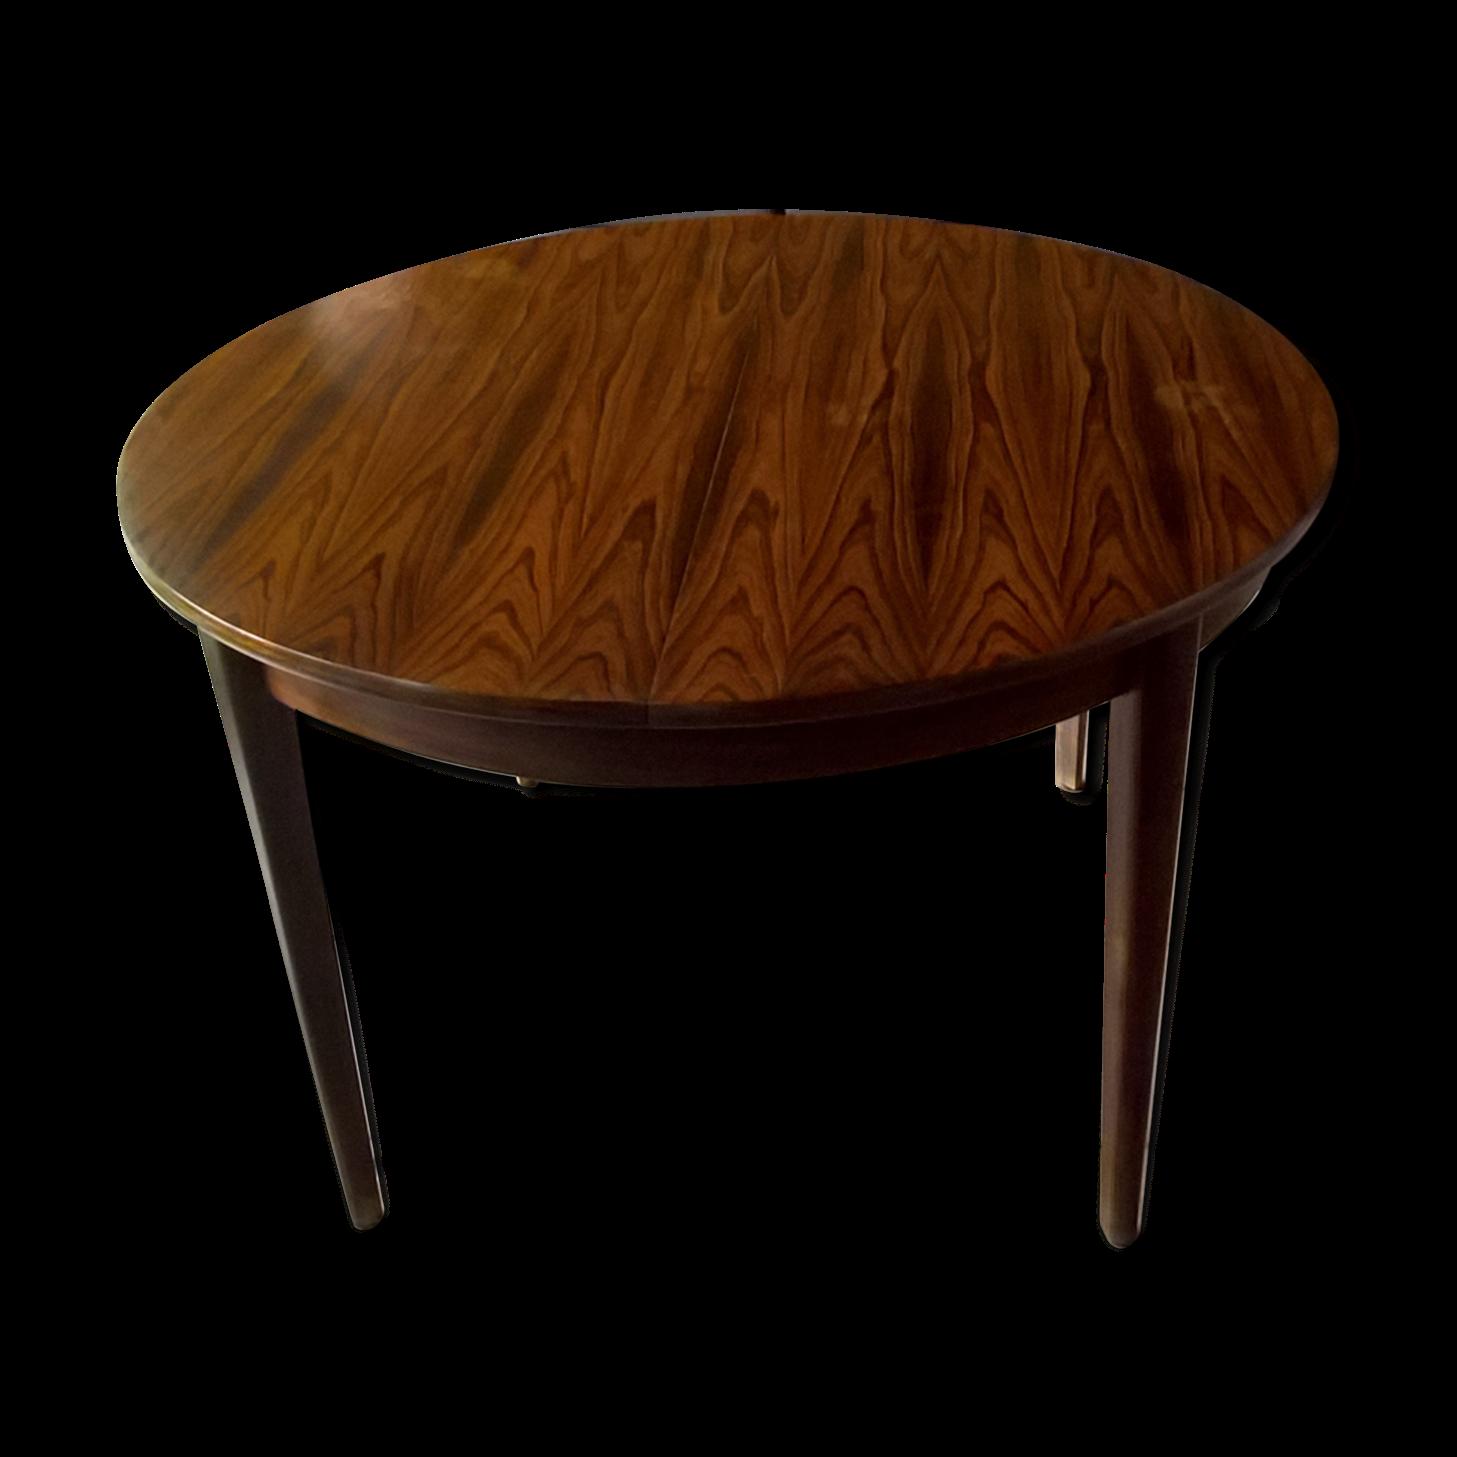 Table de salle à manger extensible scandinave en palissandre de Rio 60s